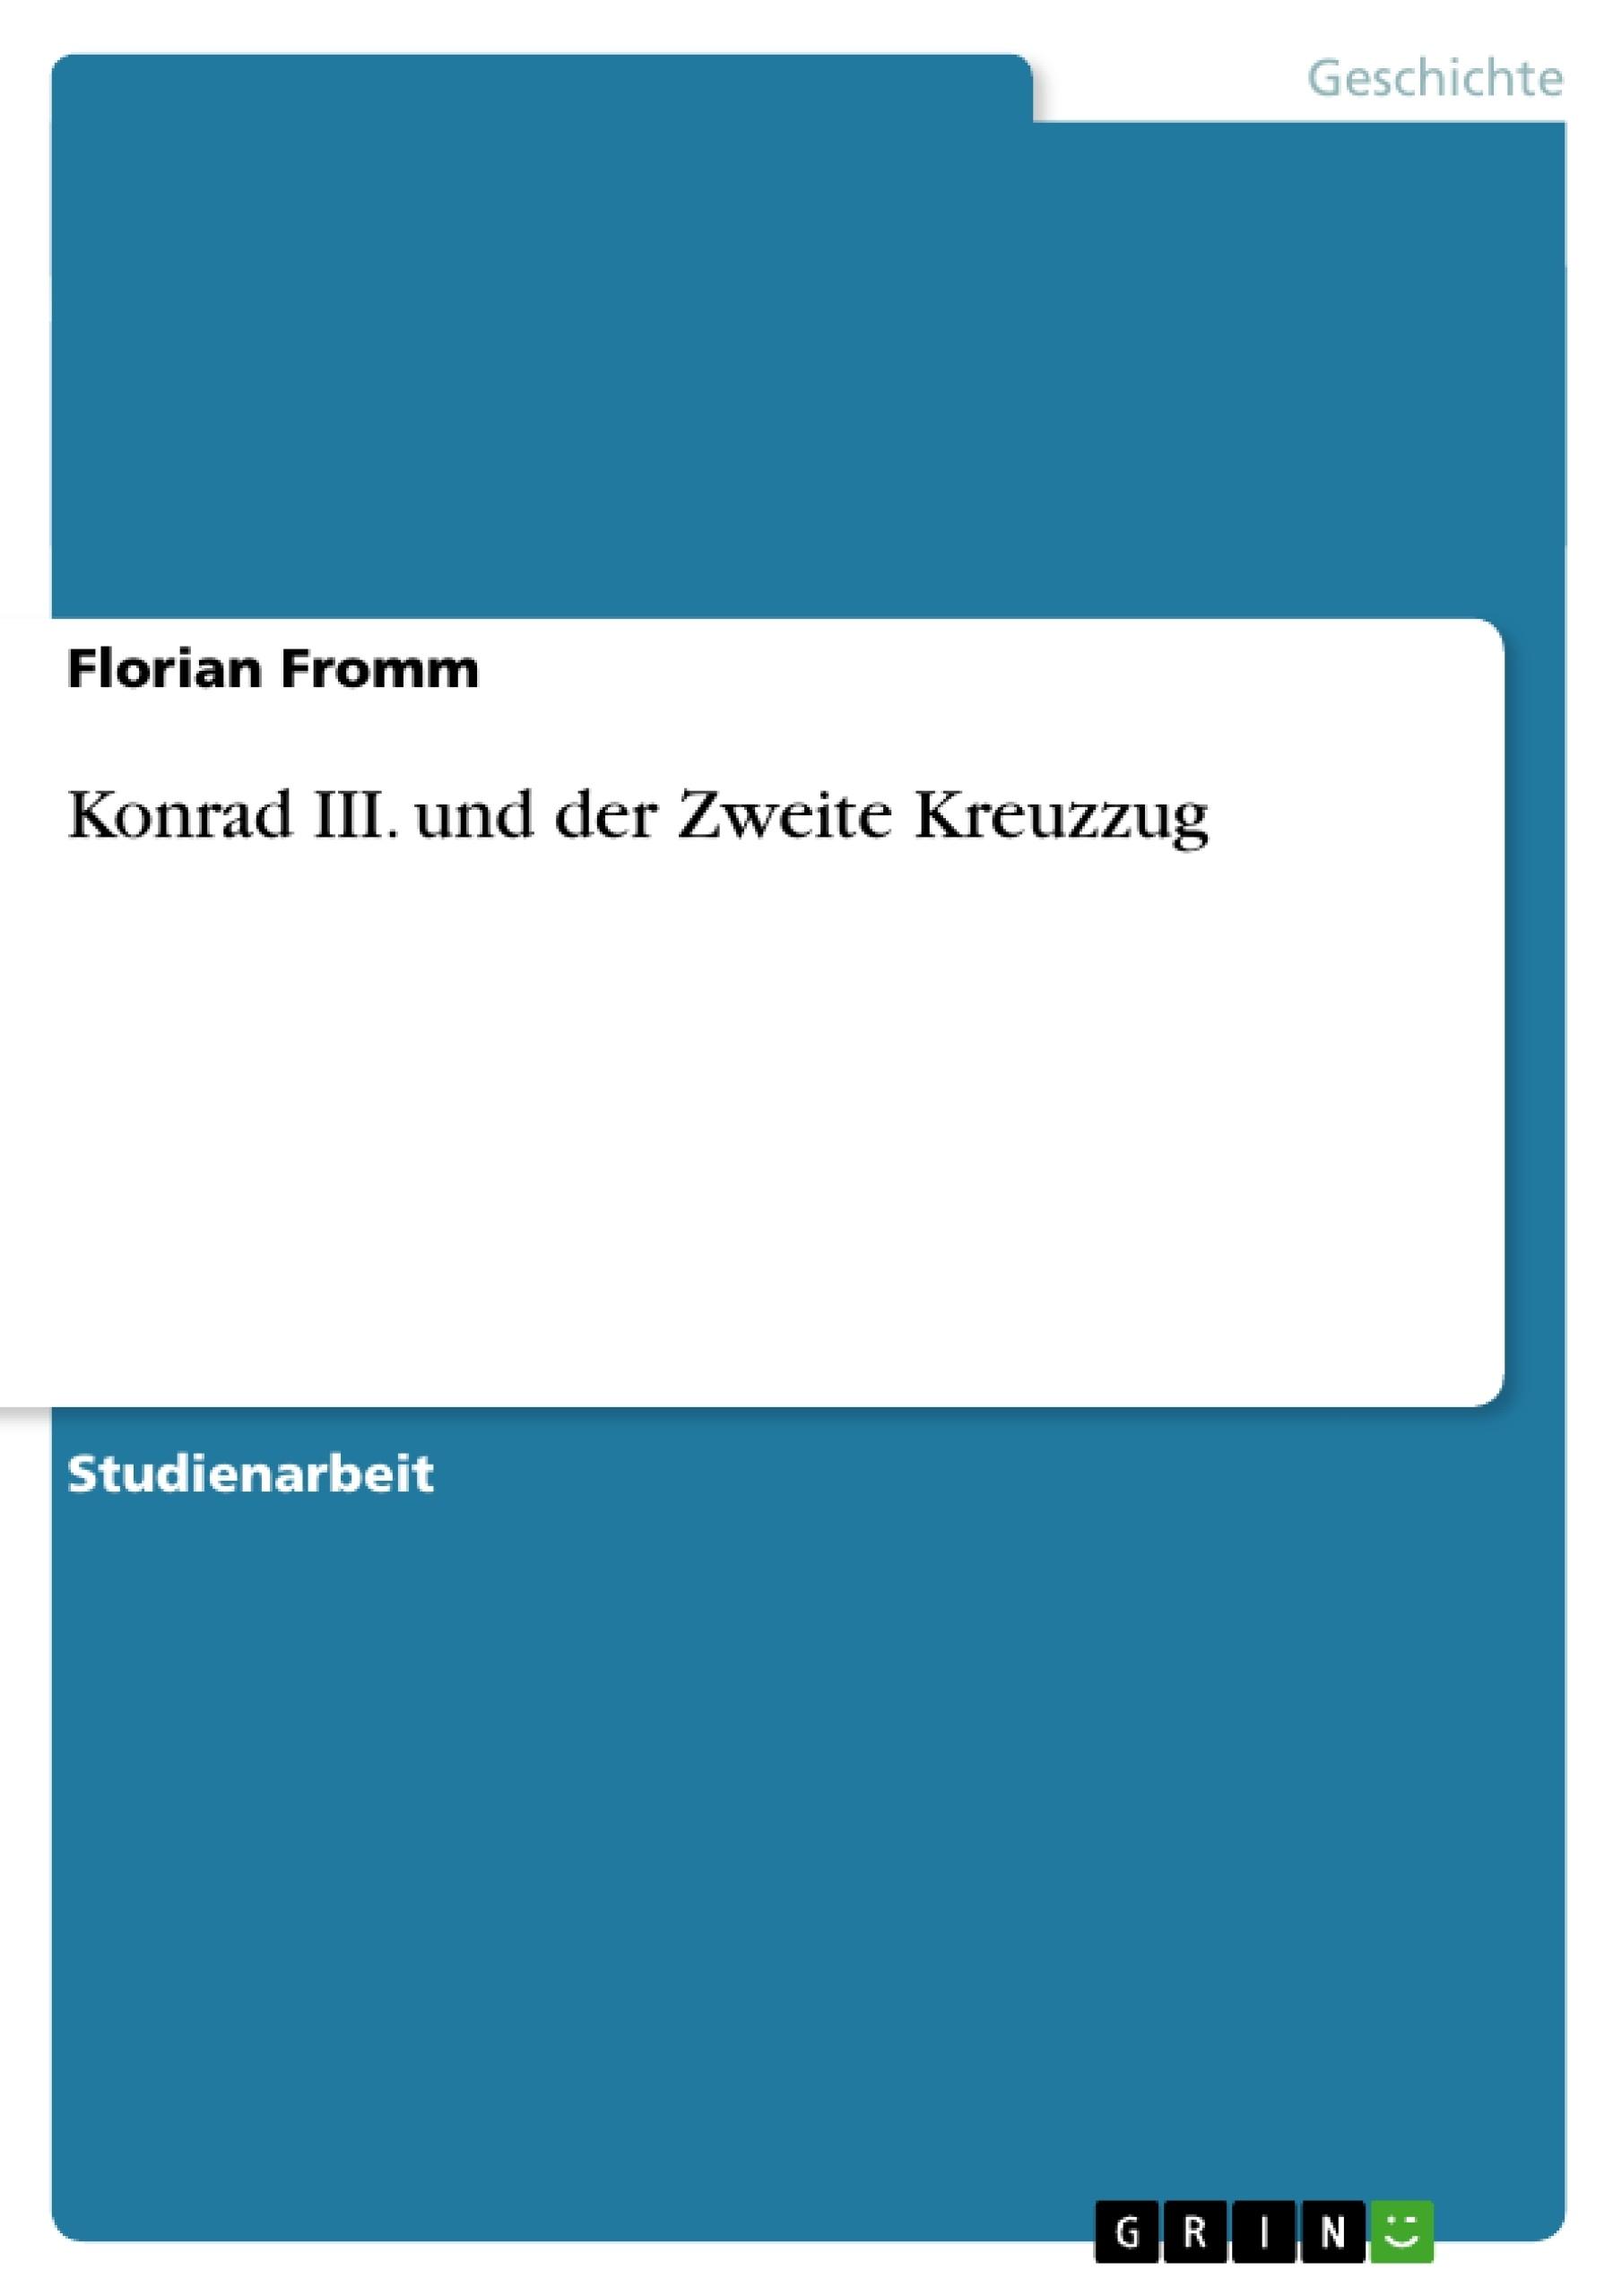 Titel: Konrad III. und der Zweite Kreuzzug